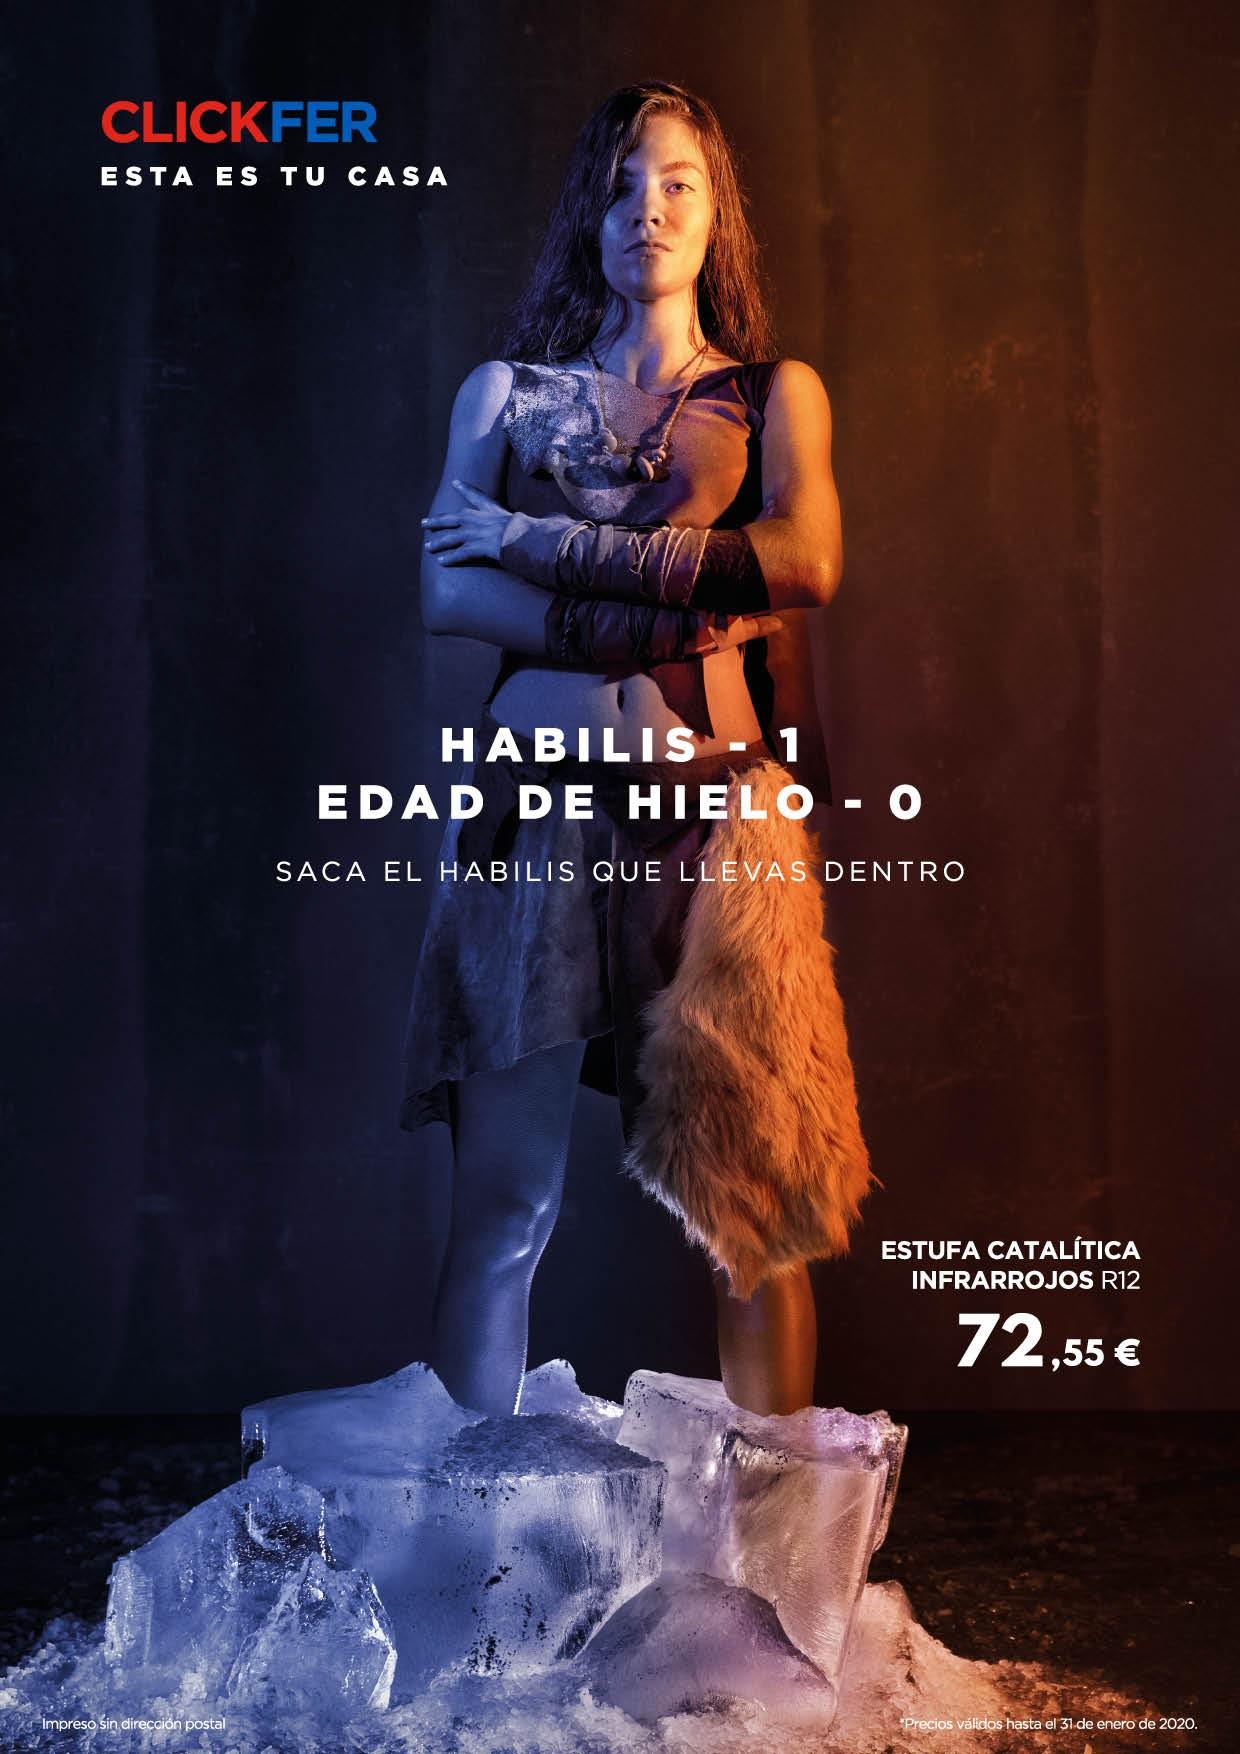 HABILIS - 1 EDAD DE HIELO - 0